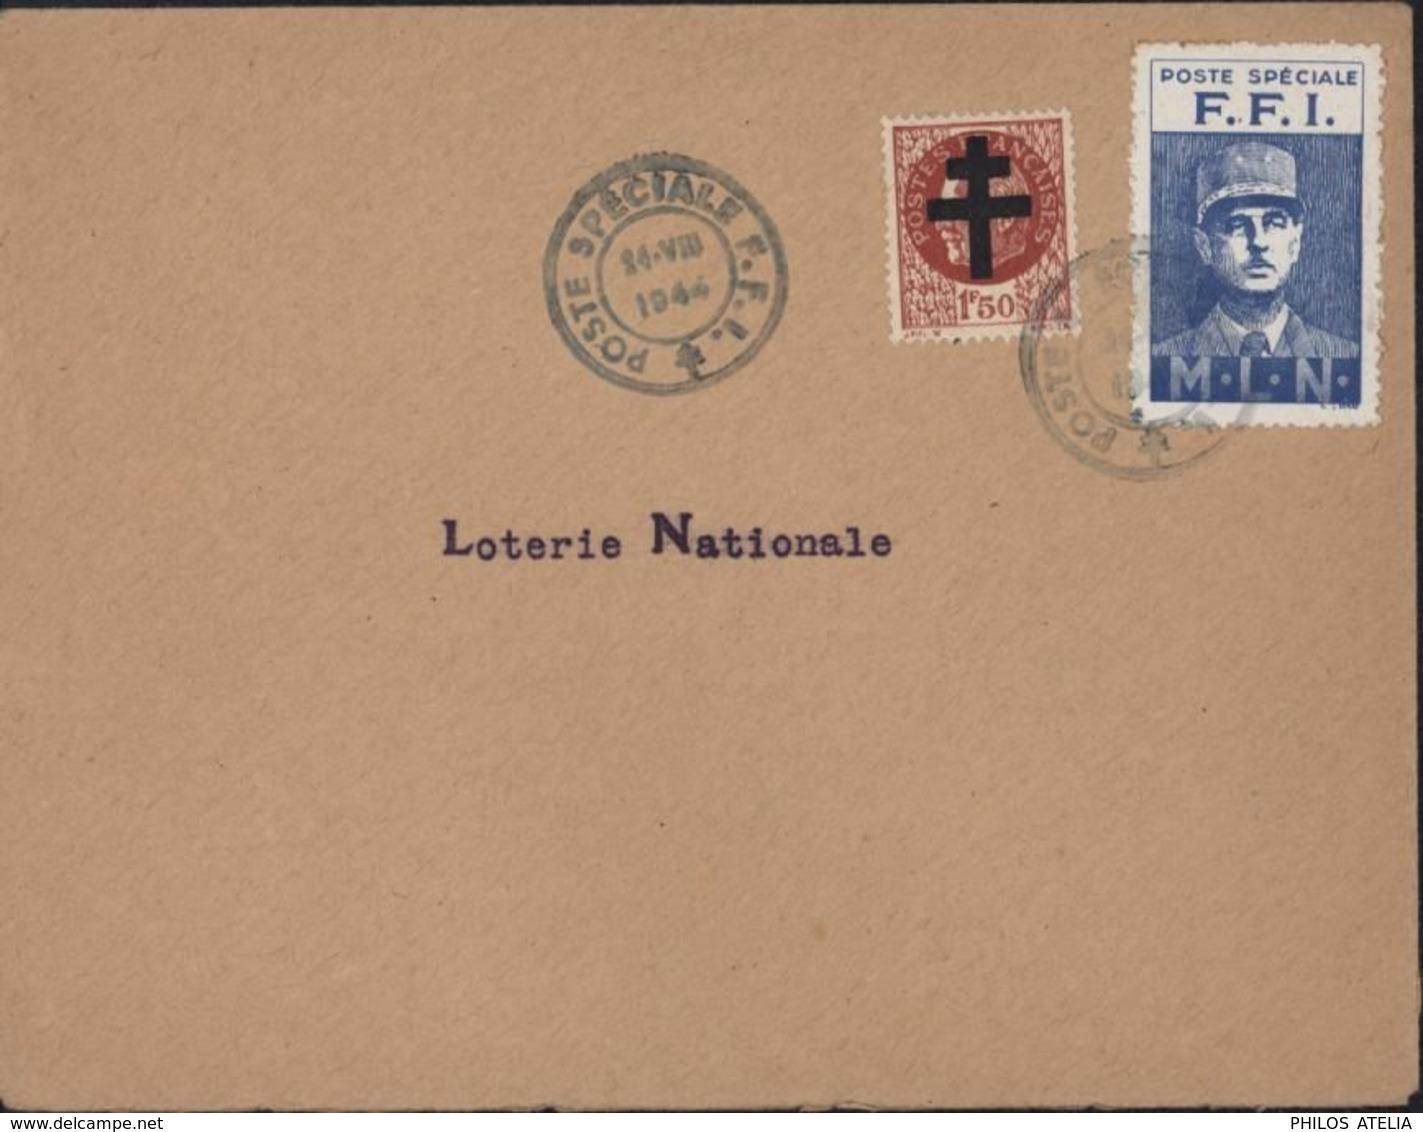 Guerre 39 45 Libération Paris Mayer N°4 Emission MLN De Gaulle Cachet Poste Spéciale F.F.I 24 VII 44 Loterie Nationale - WW II